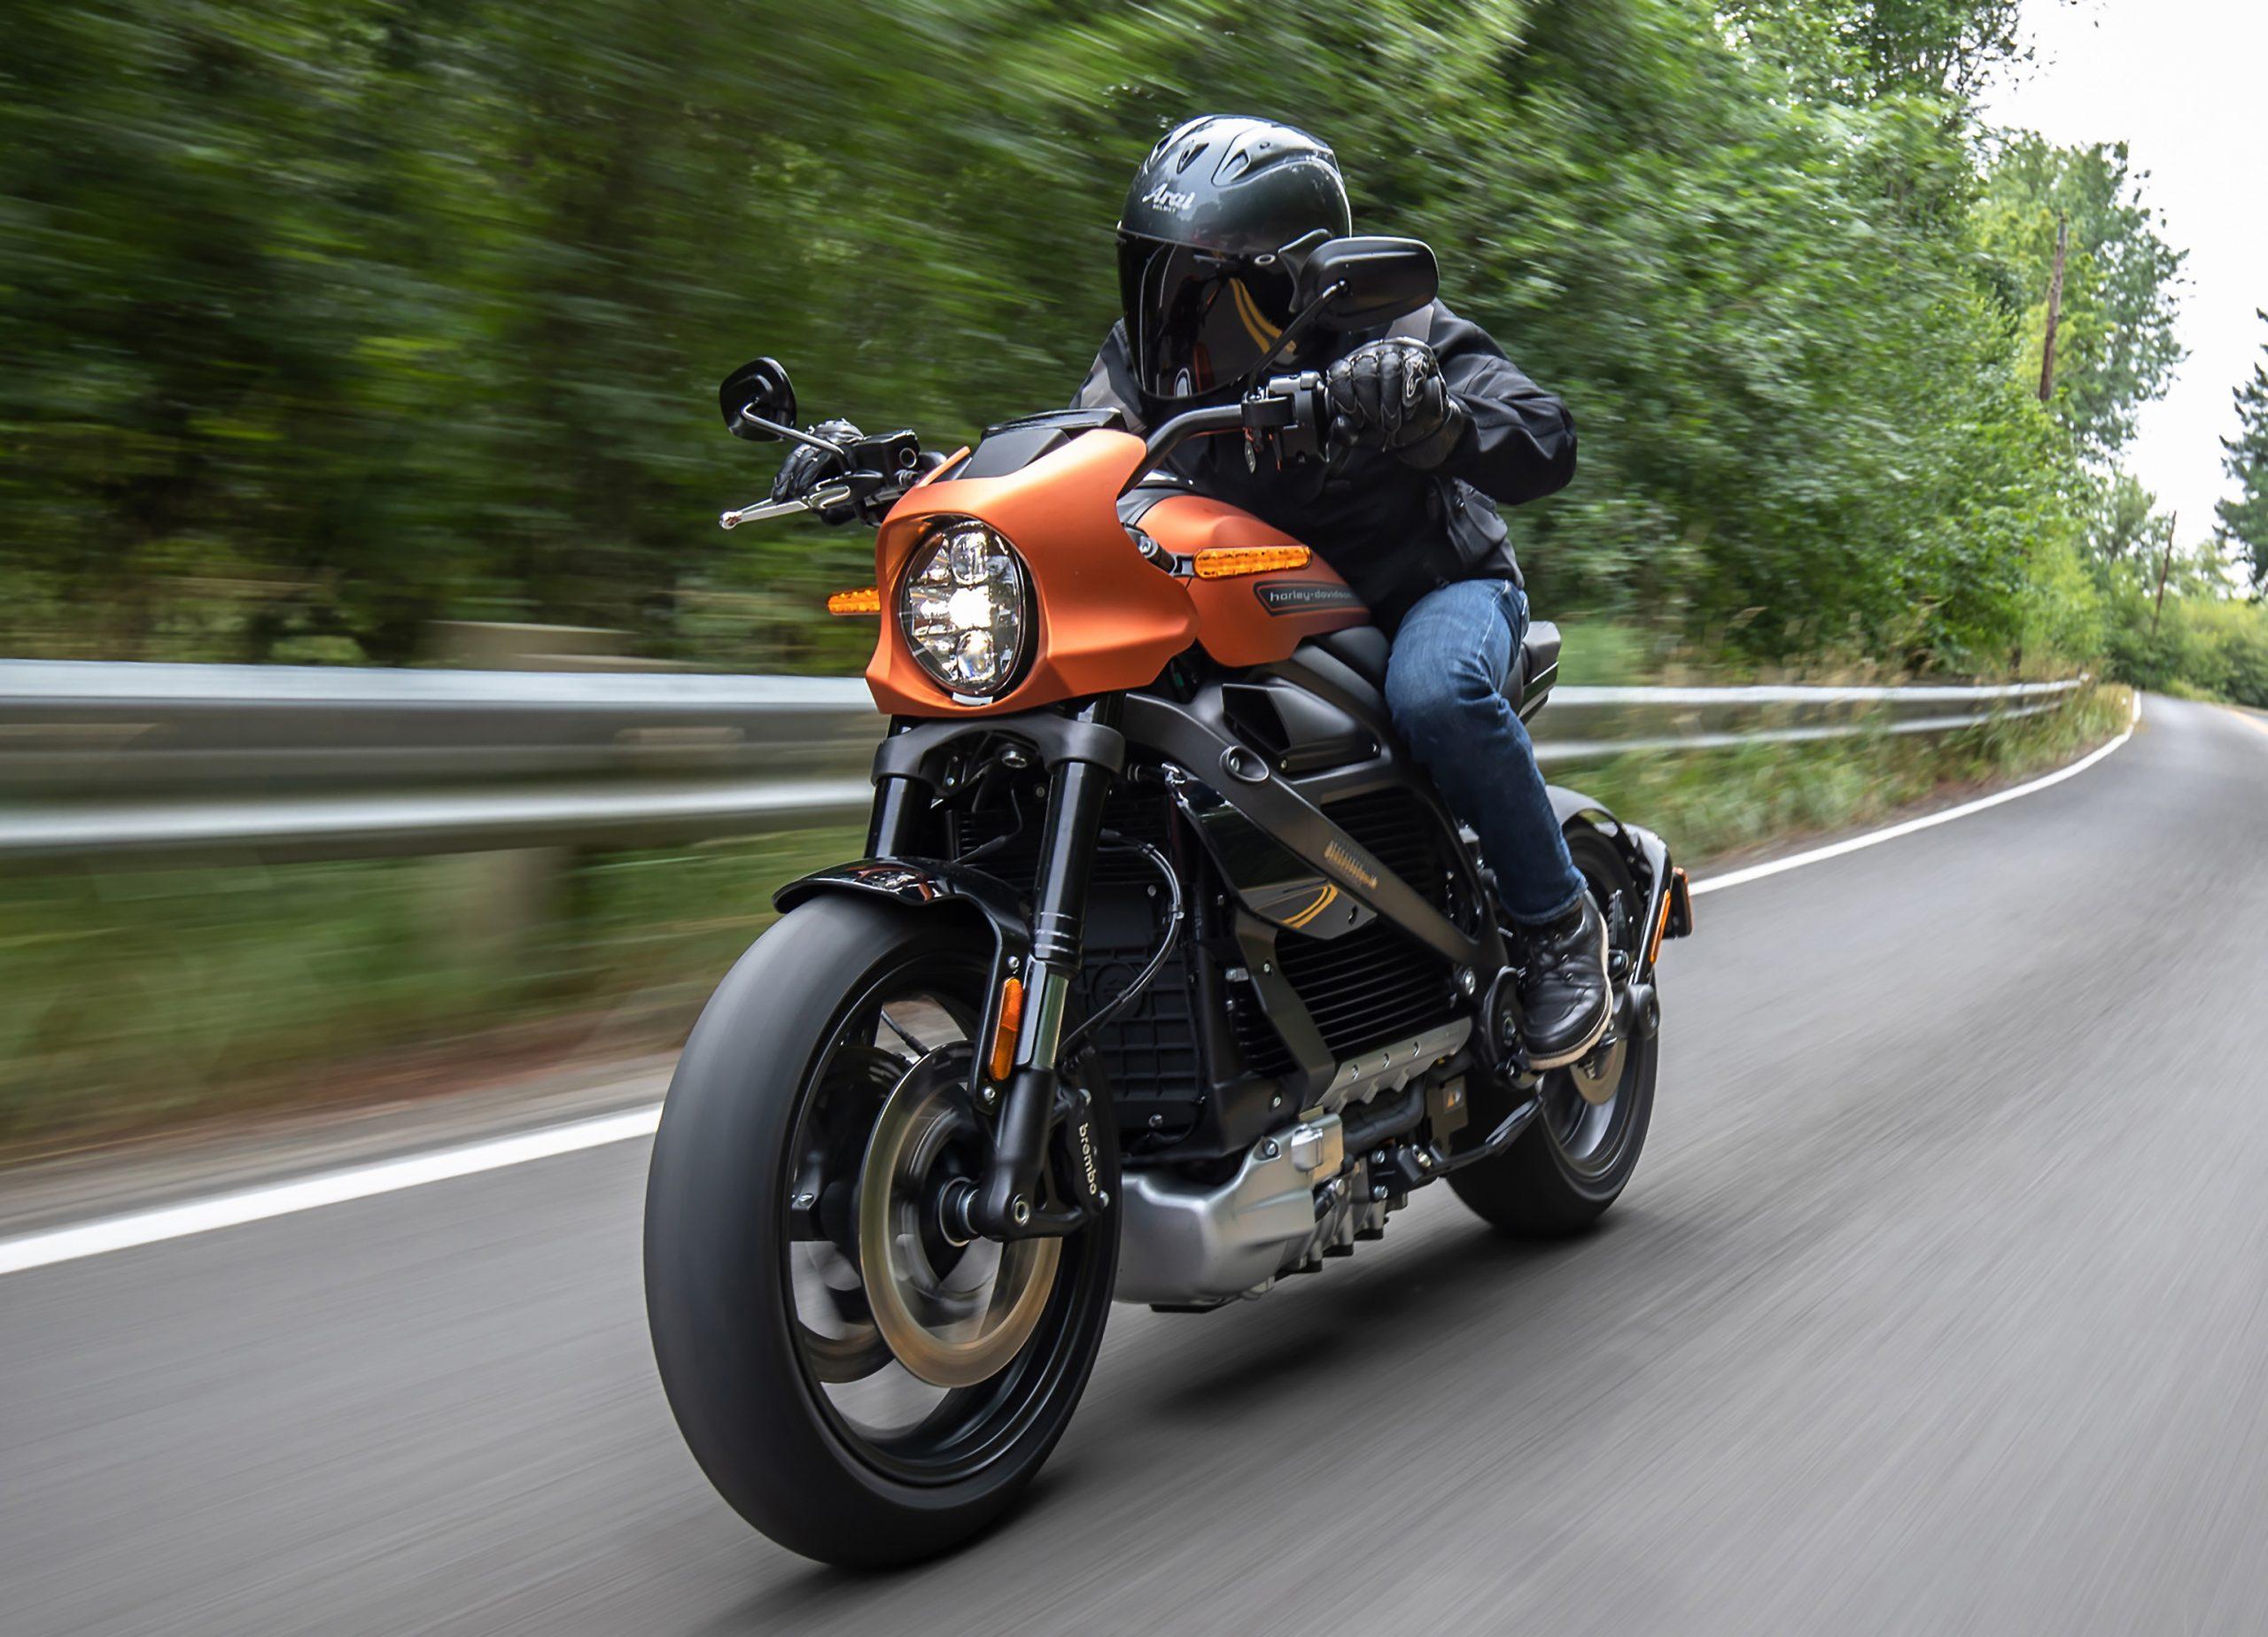 Die erste komplett elektrisch angetriebene Harley-Davidson. Dahinter steht eine Internet of Things-Infrastruktur, die zahlreiche digitale Dienste und Optimierungsmöglichkeiten bietet. (Bild: Harley-Davidson Germany GmbH)